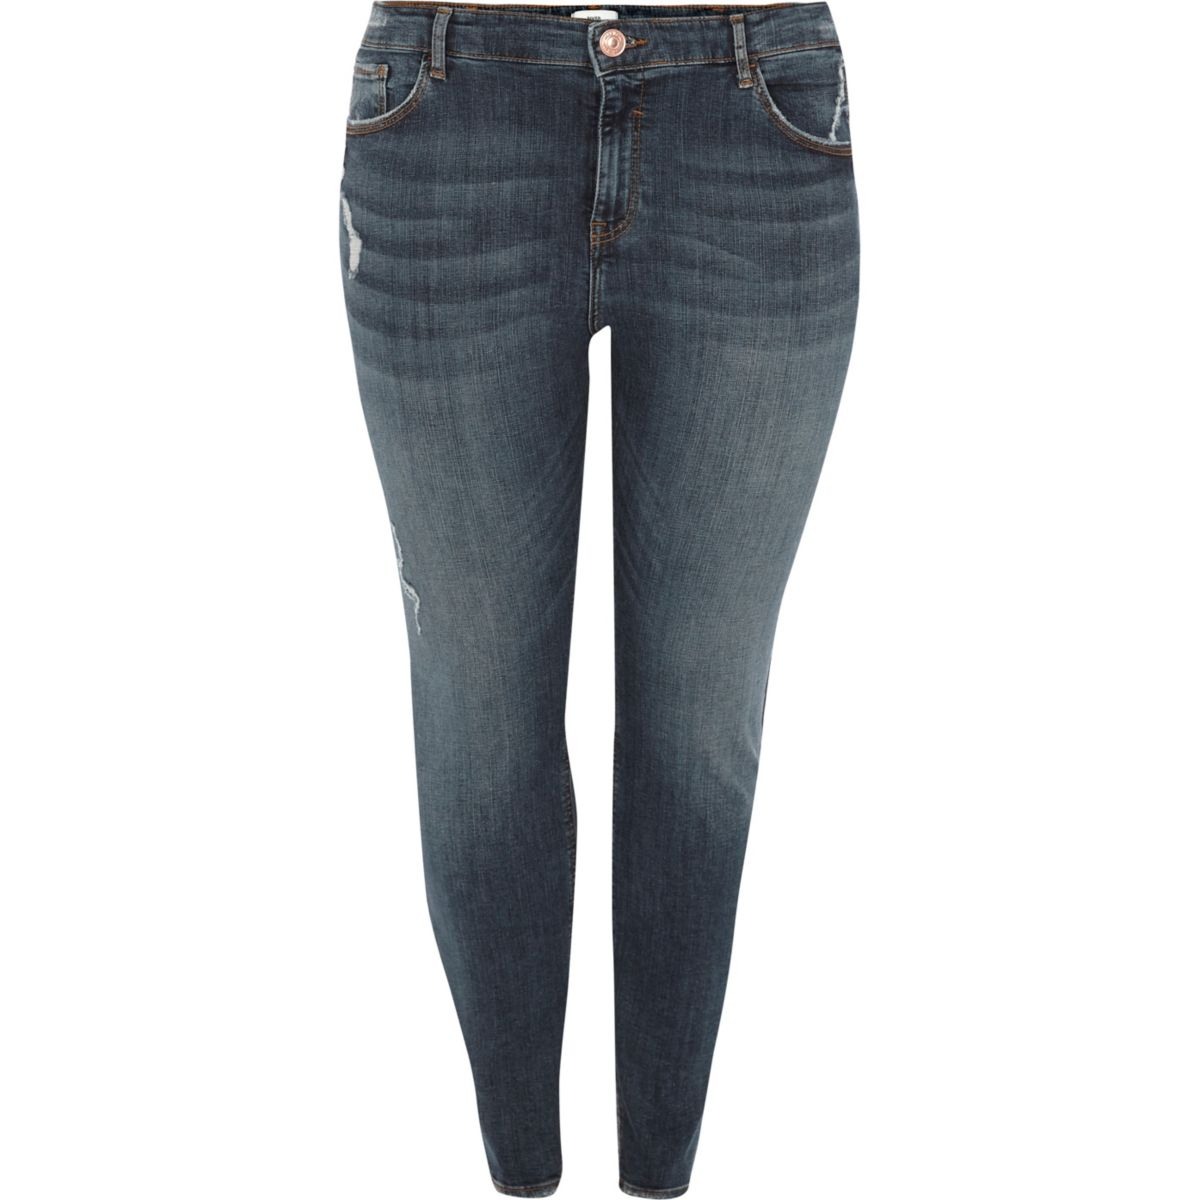 jeans skinny Plus Alannah mid blue rise wxRR8qX